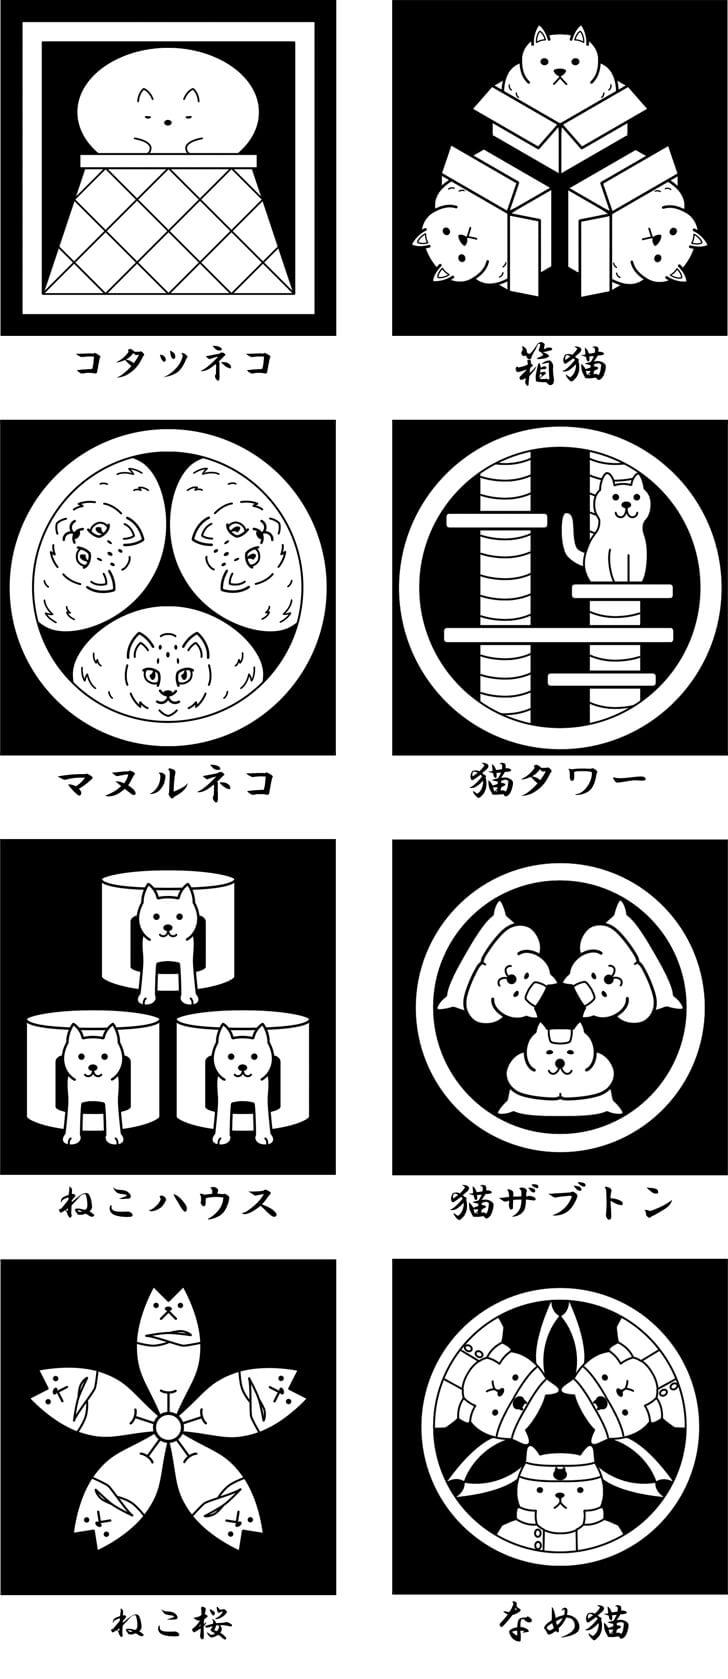 猫モチーフのオリジナル家紋